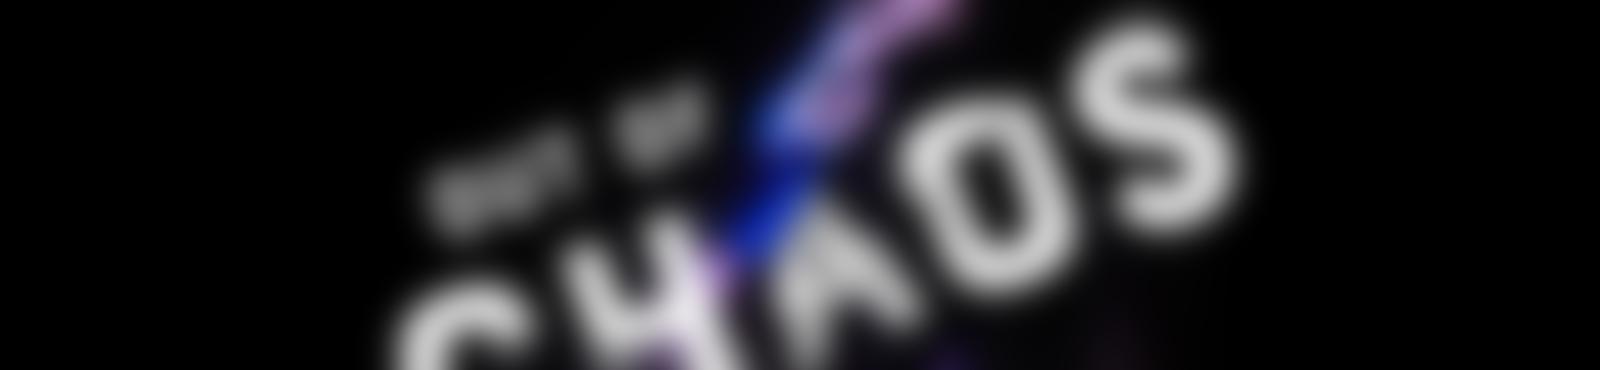 Blurred 96c63b75 701a 4a3c b30b c48b4ada619b